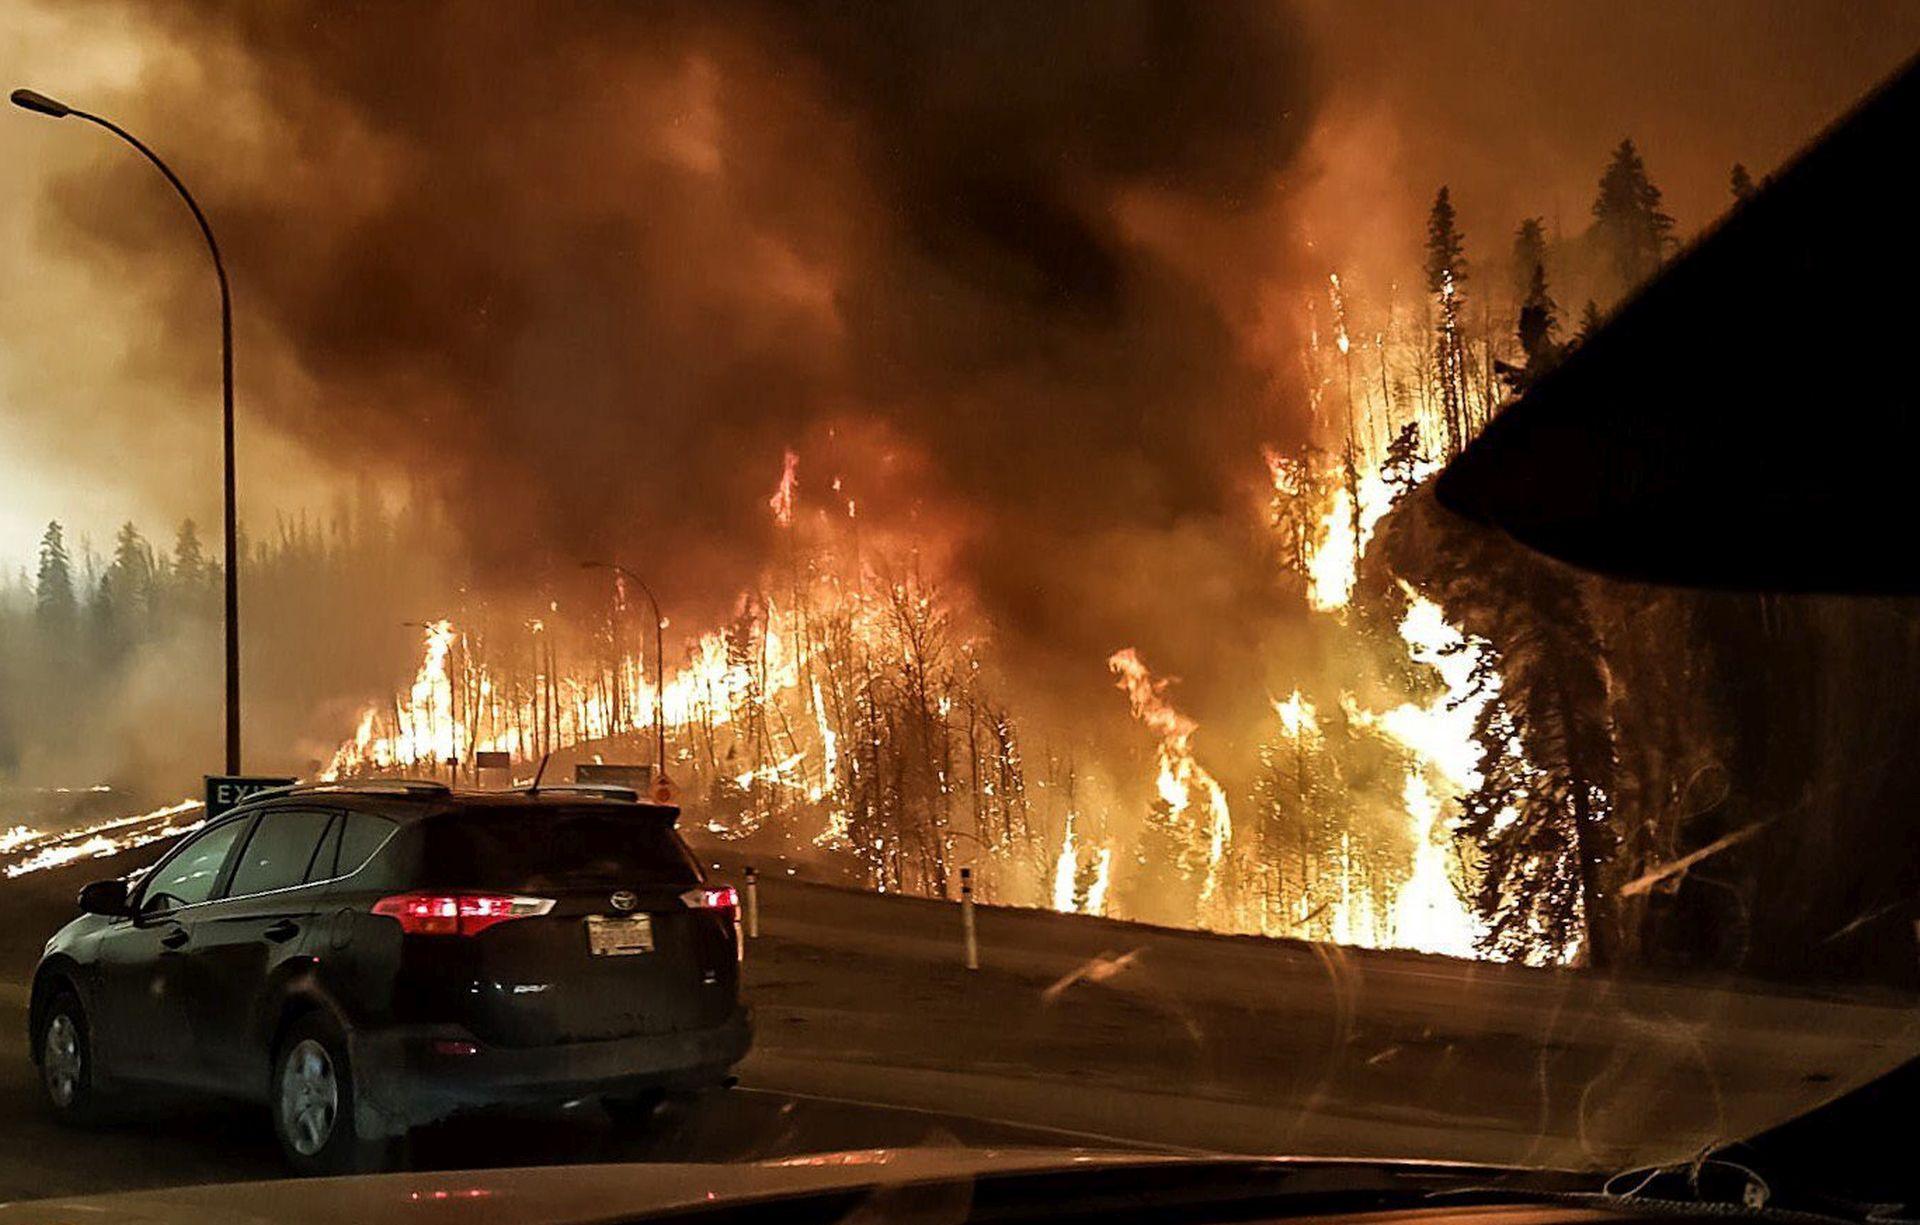 ISTRAŽIVANJE: Požar u Alberti mogao bi koštati osiguravatelje 6 milijardi eura